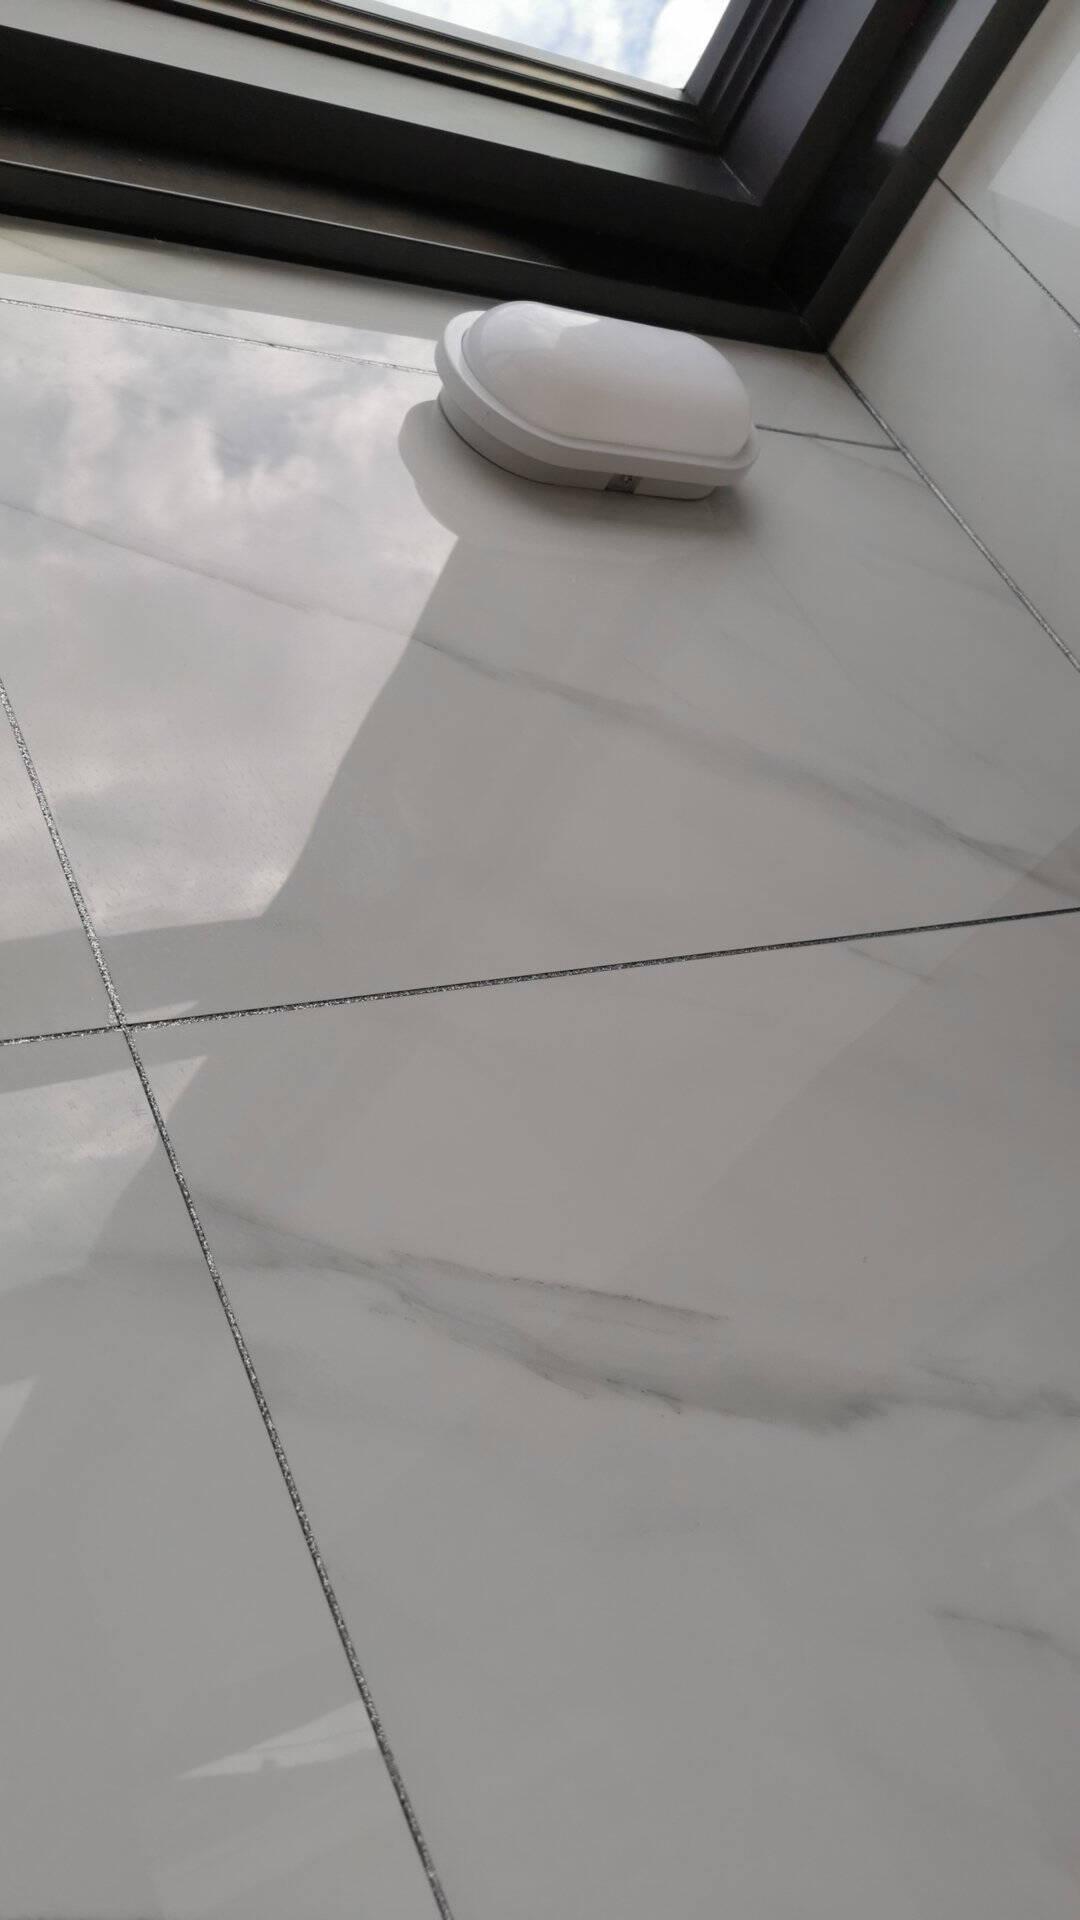 LED明装防潮防水灯浴室过道阳台卫生间冷库户外壁灯防雨防爆吸顶小号椭形15W